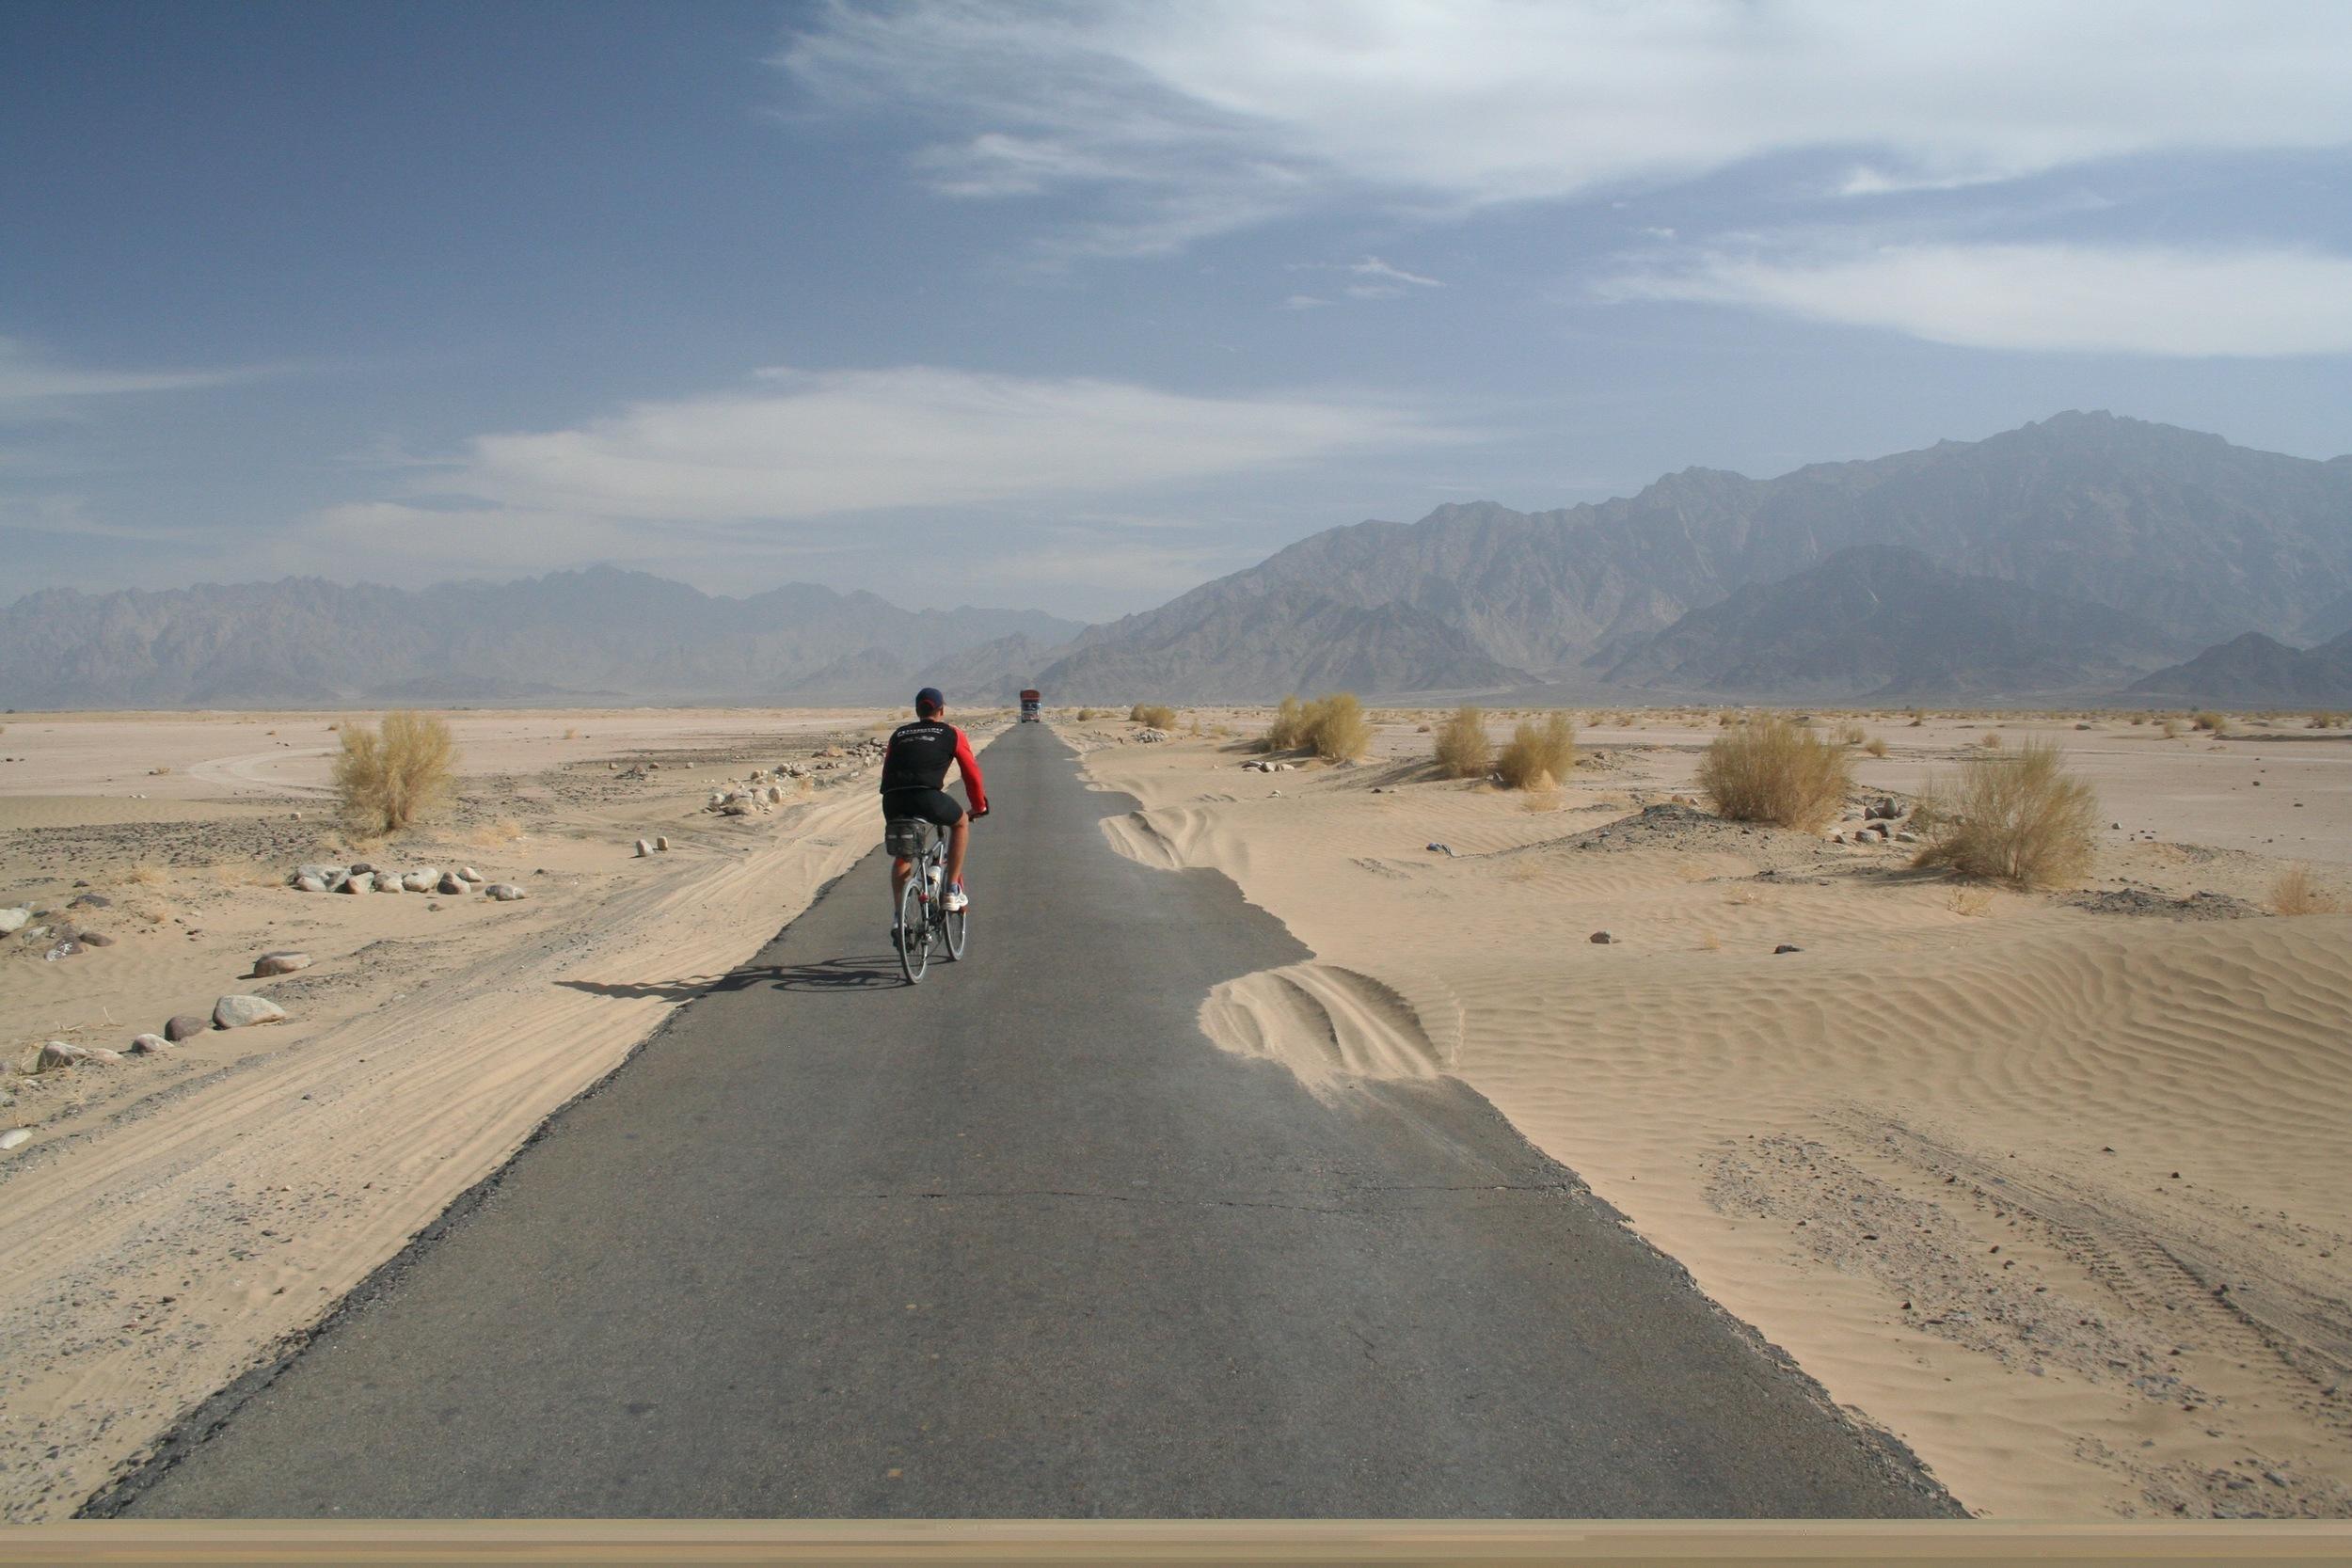 Cycling the Baluchistan desert